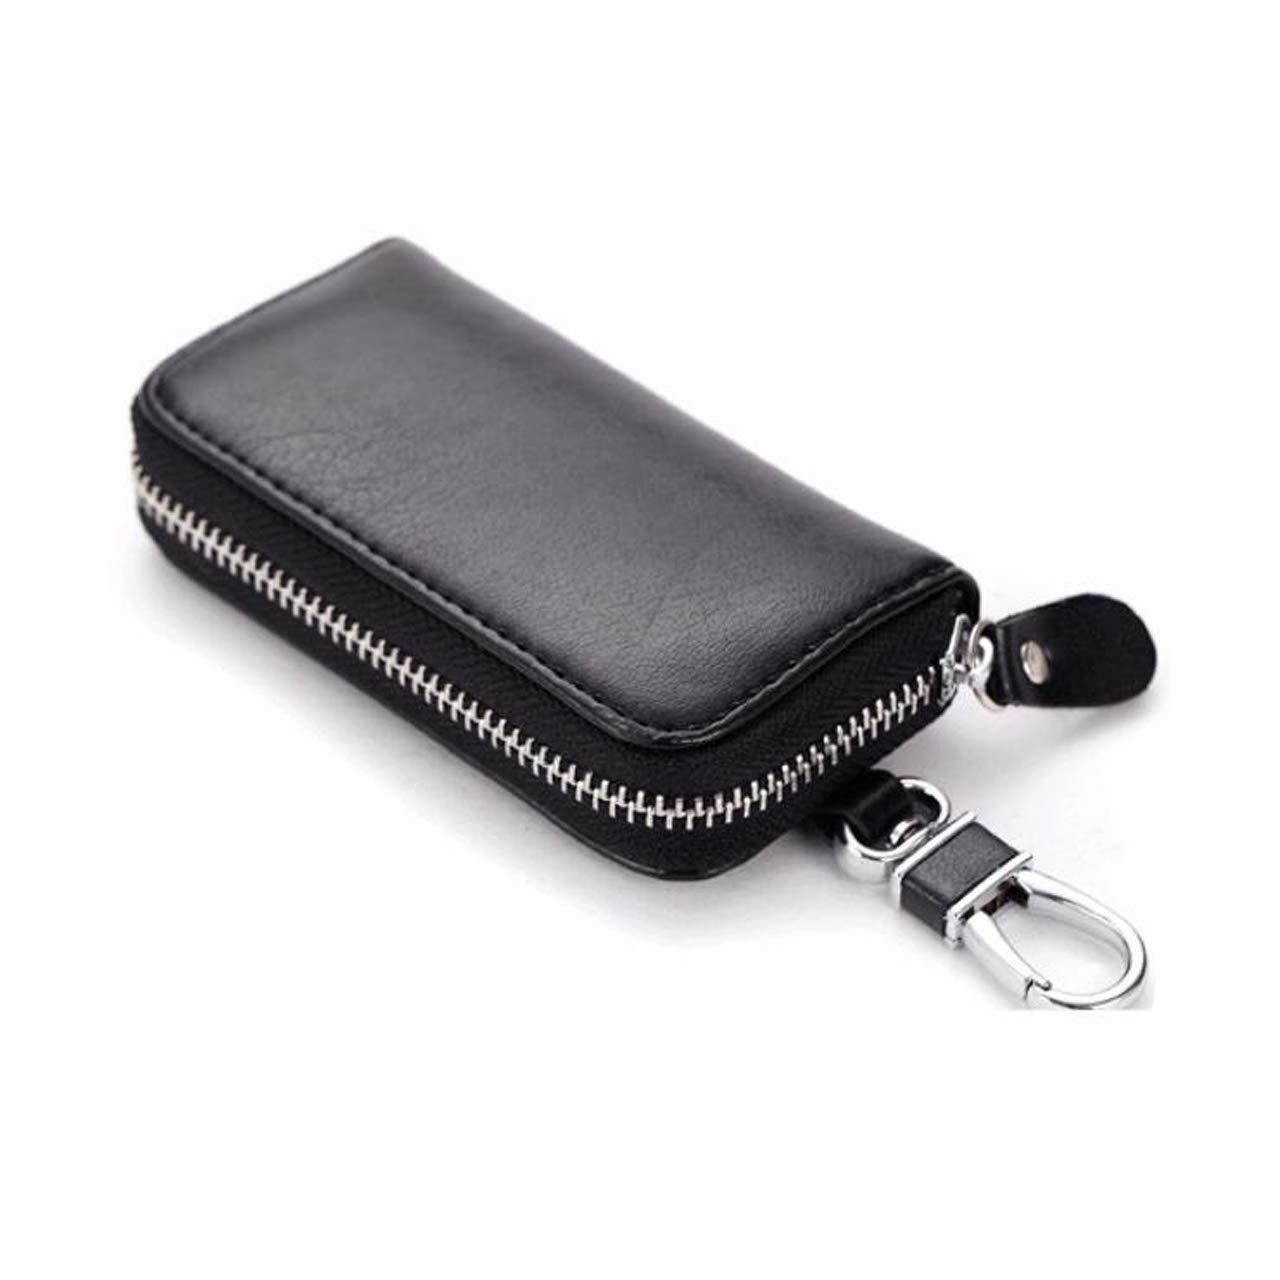 Amazon.com: Cosarmo - Funda para llaves, monedero pequeño ...